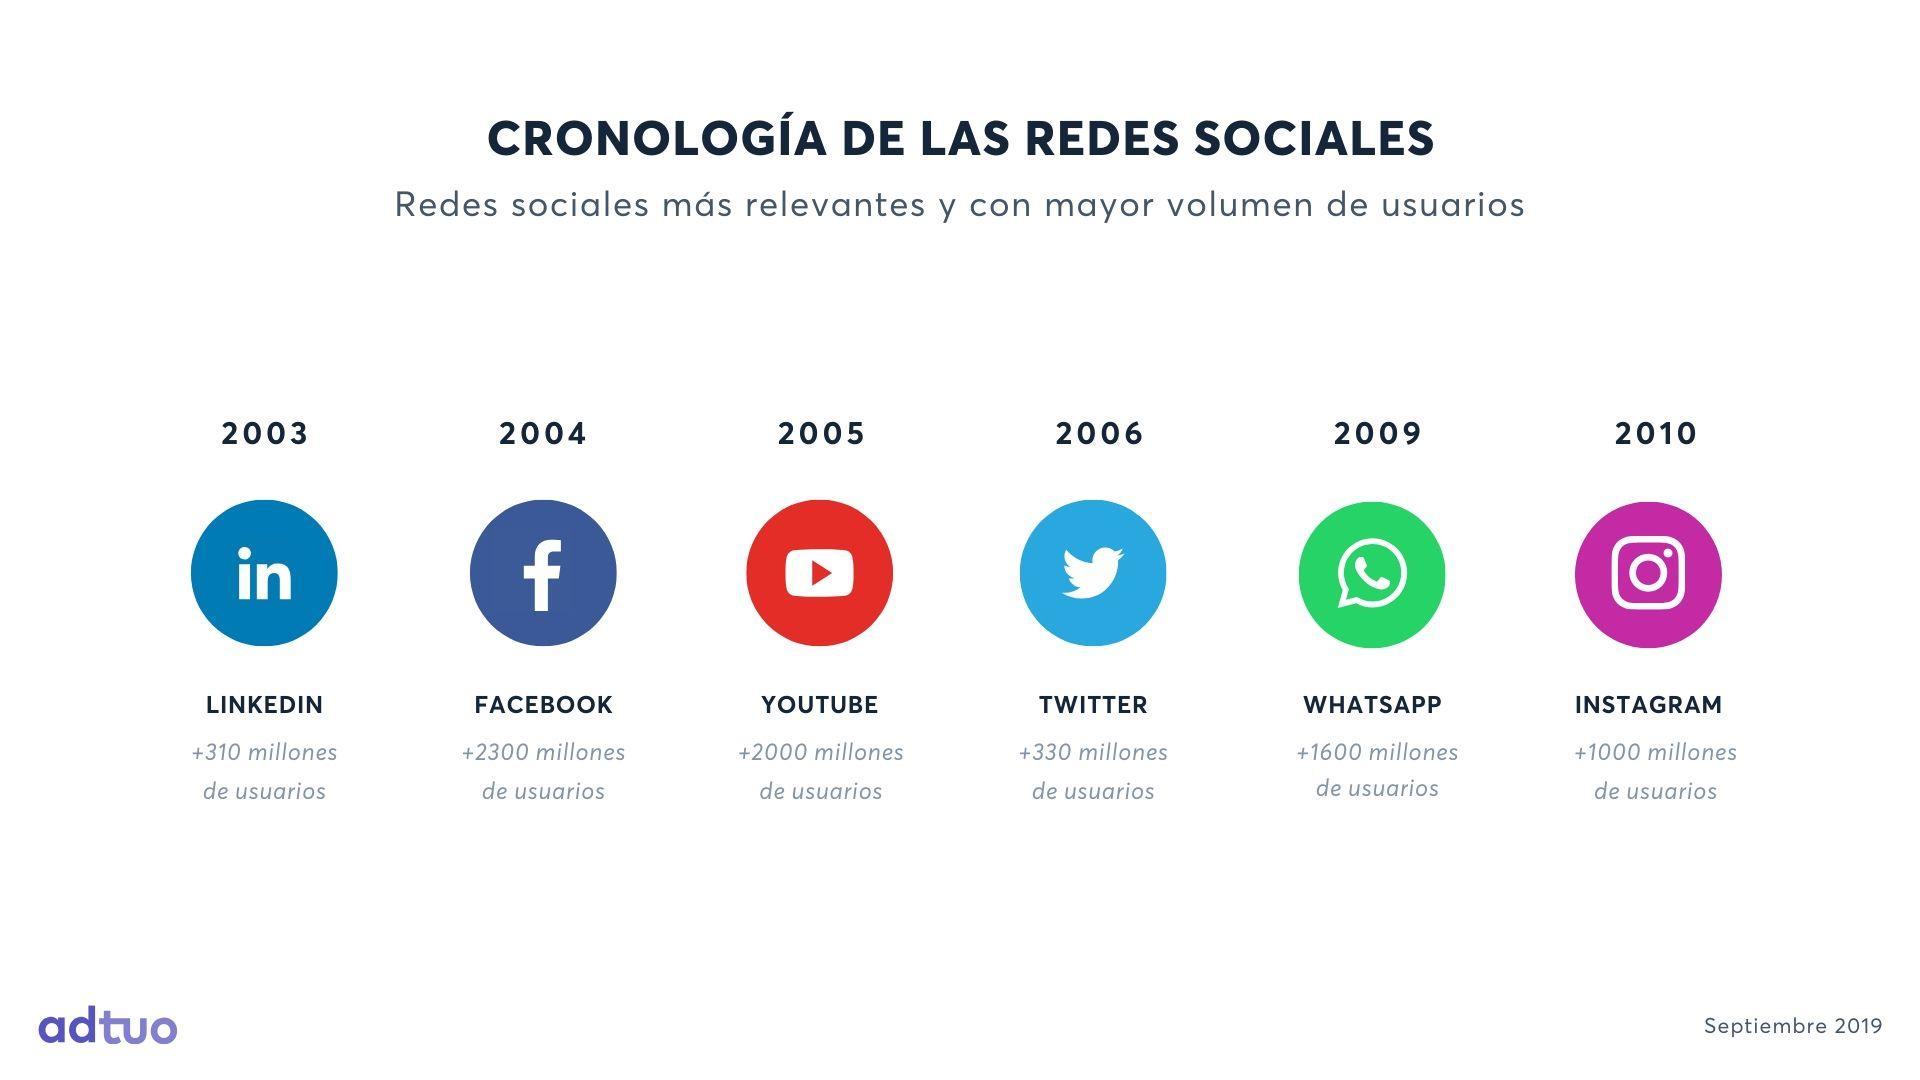 Cronología de las redes sociales